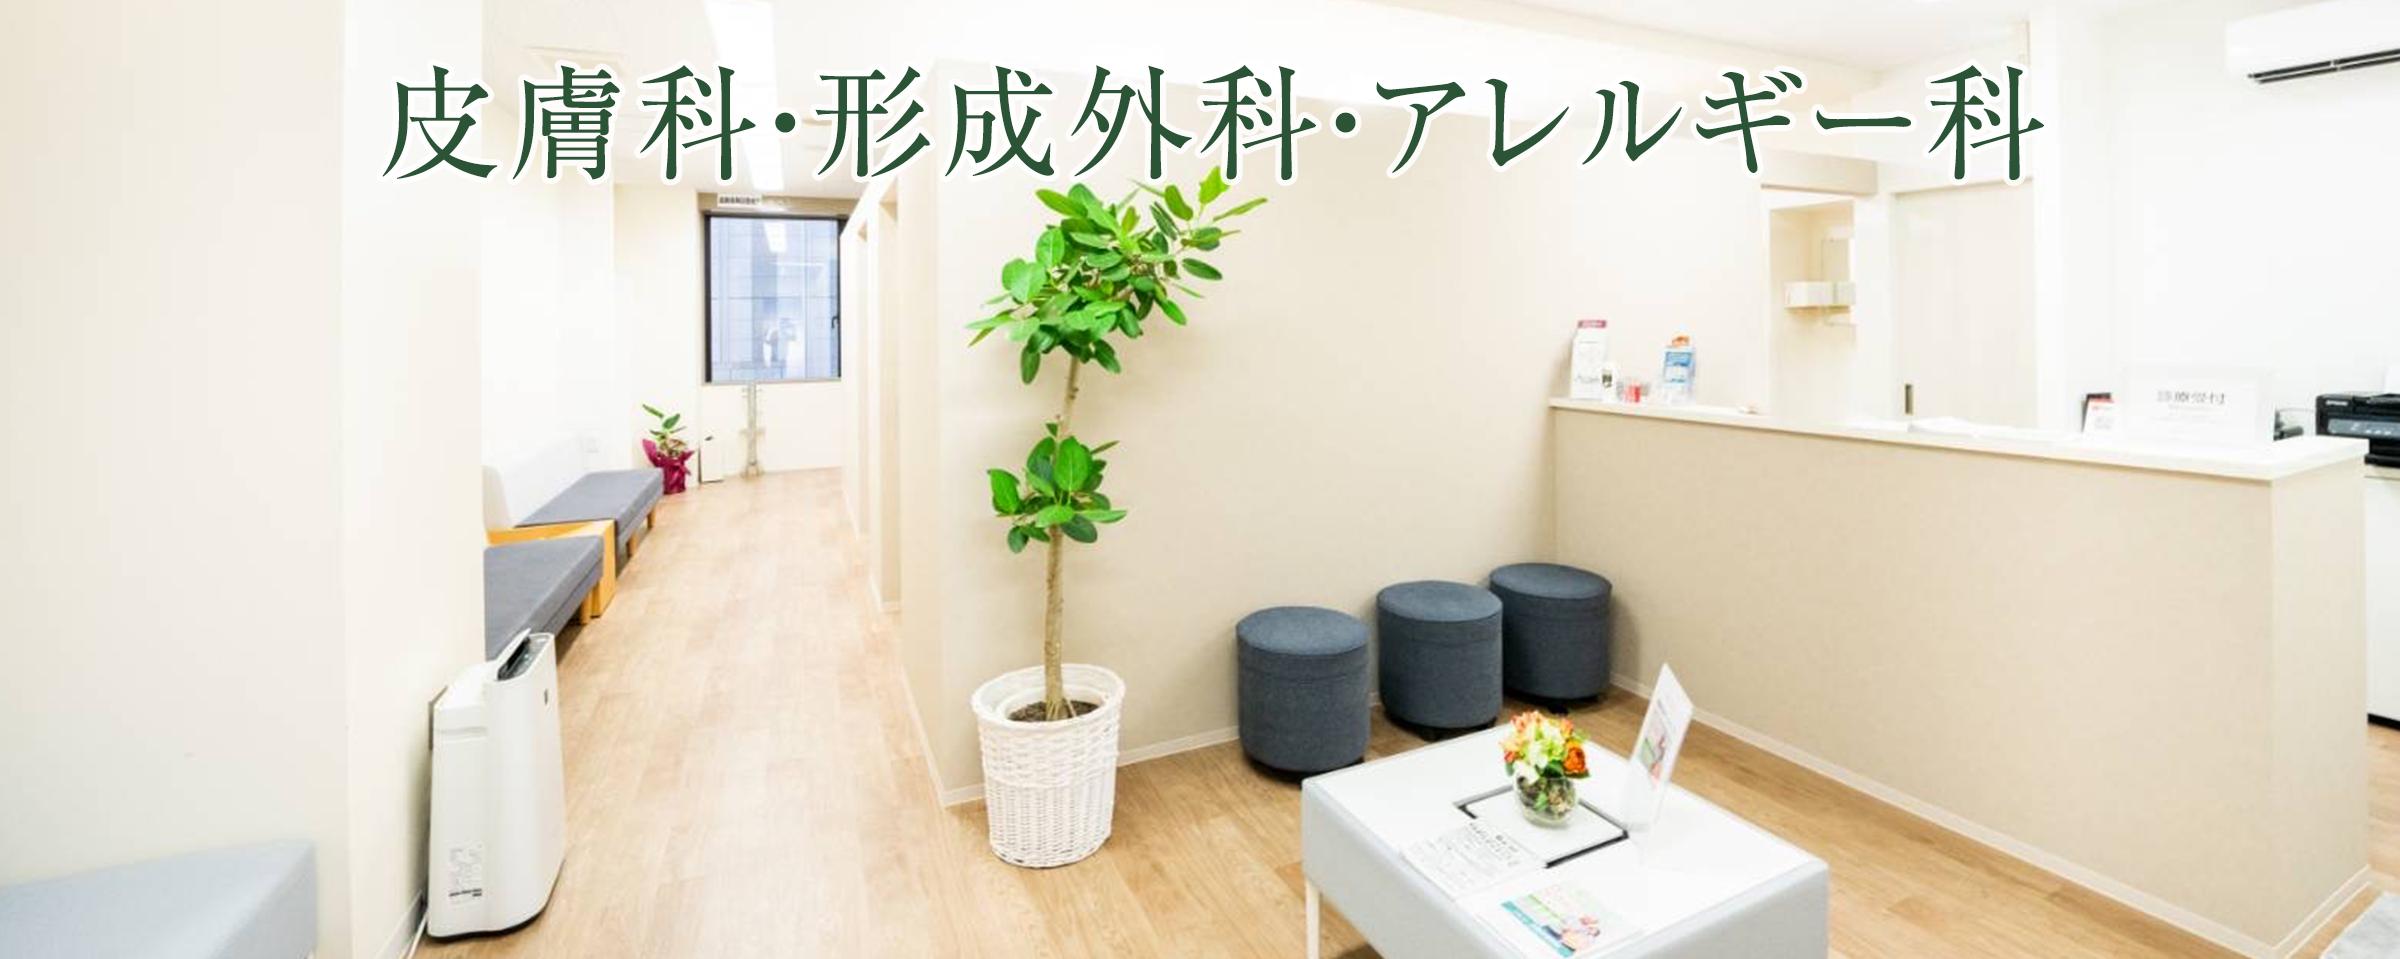 女医対応。医療レーザー脱毛を 京都 四条 烏丸でお探しなら、くみこクリニック京都駅前へ。アトピー性皮膚炎,乾燥肌,敏感肌でも安心脱毛